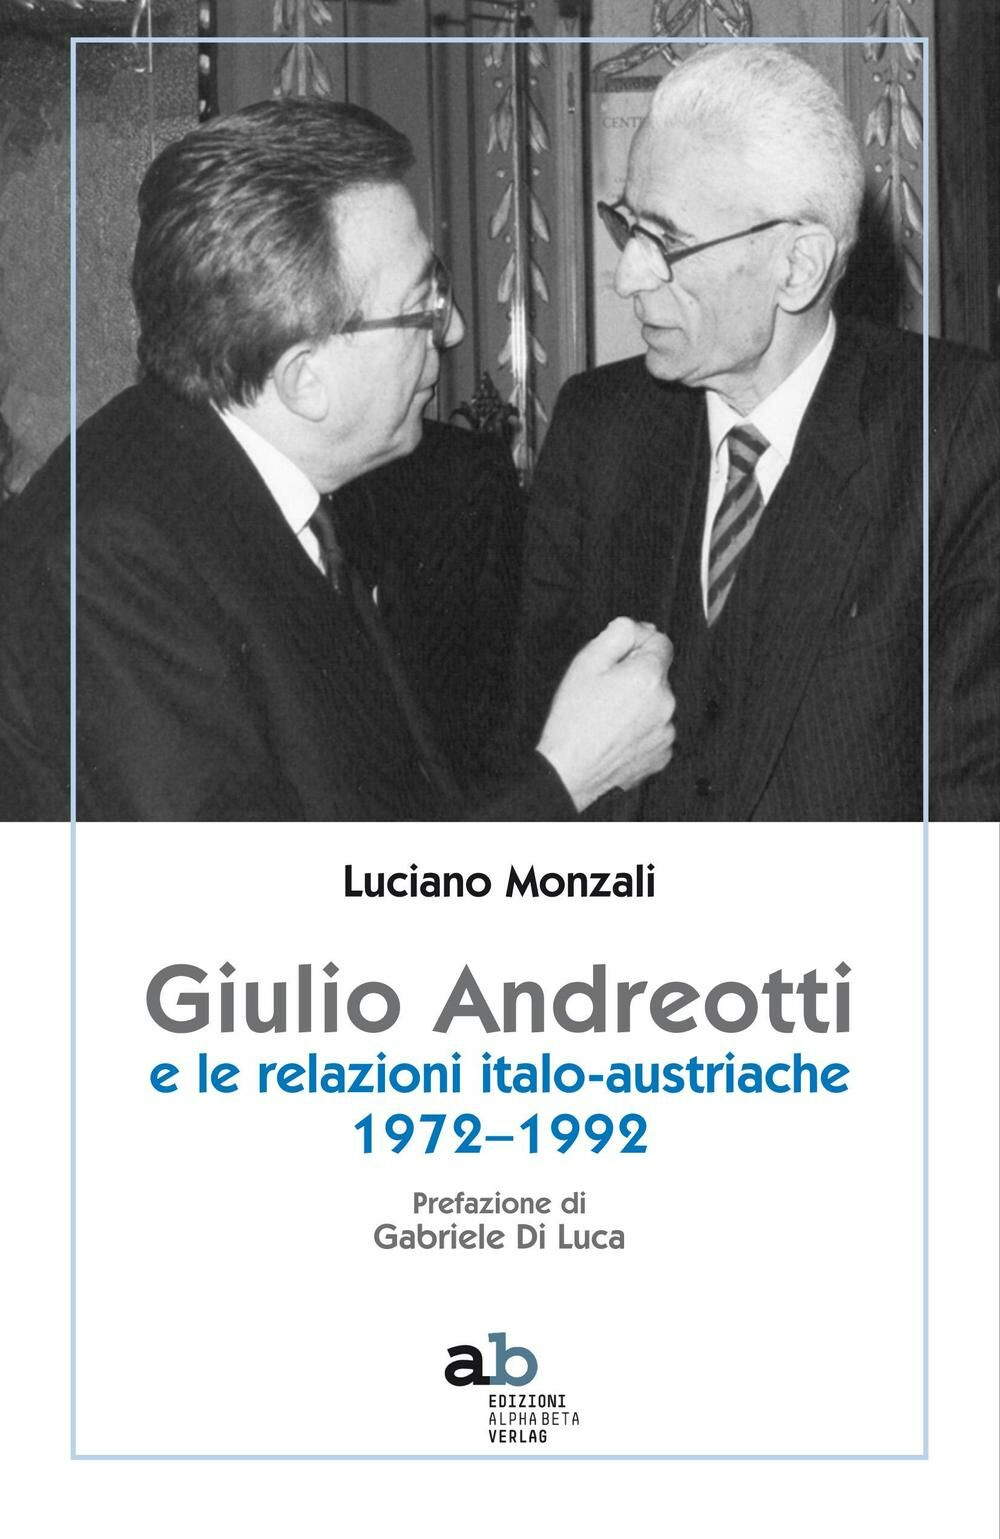 Giulio Andreotti e le relazioni italo-austriache 1972-1992